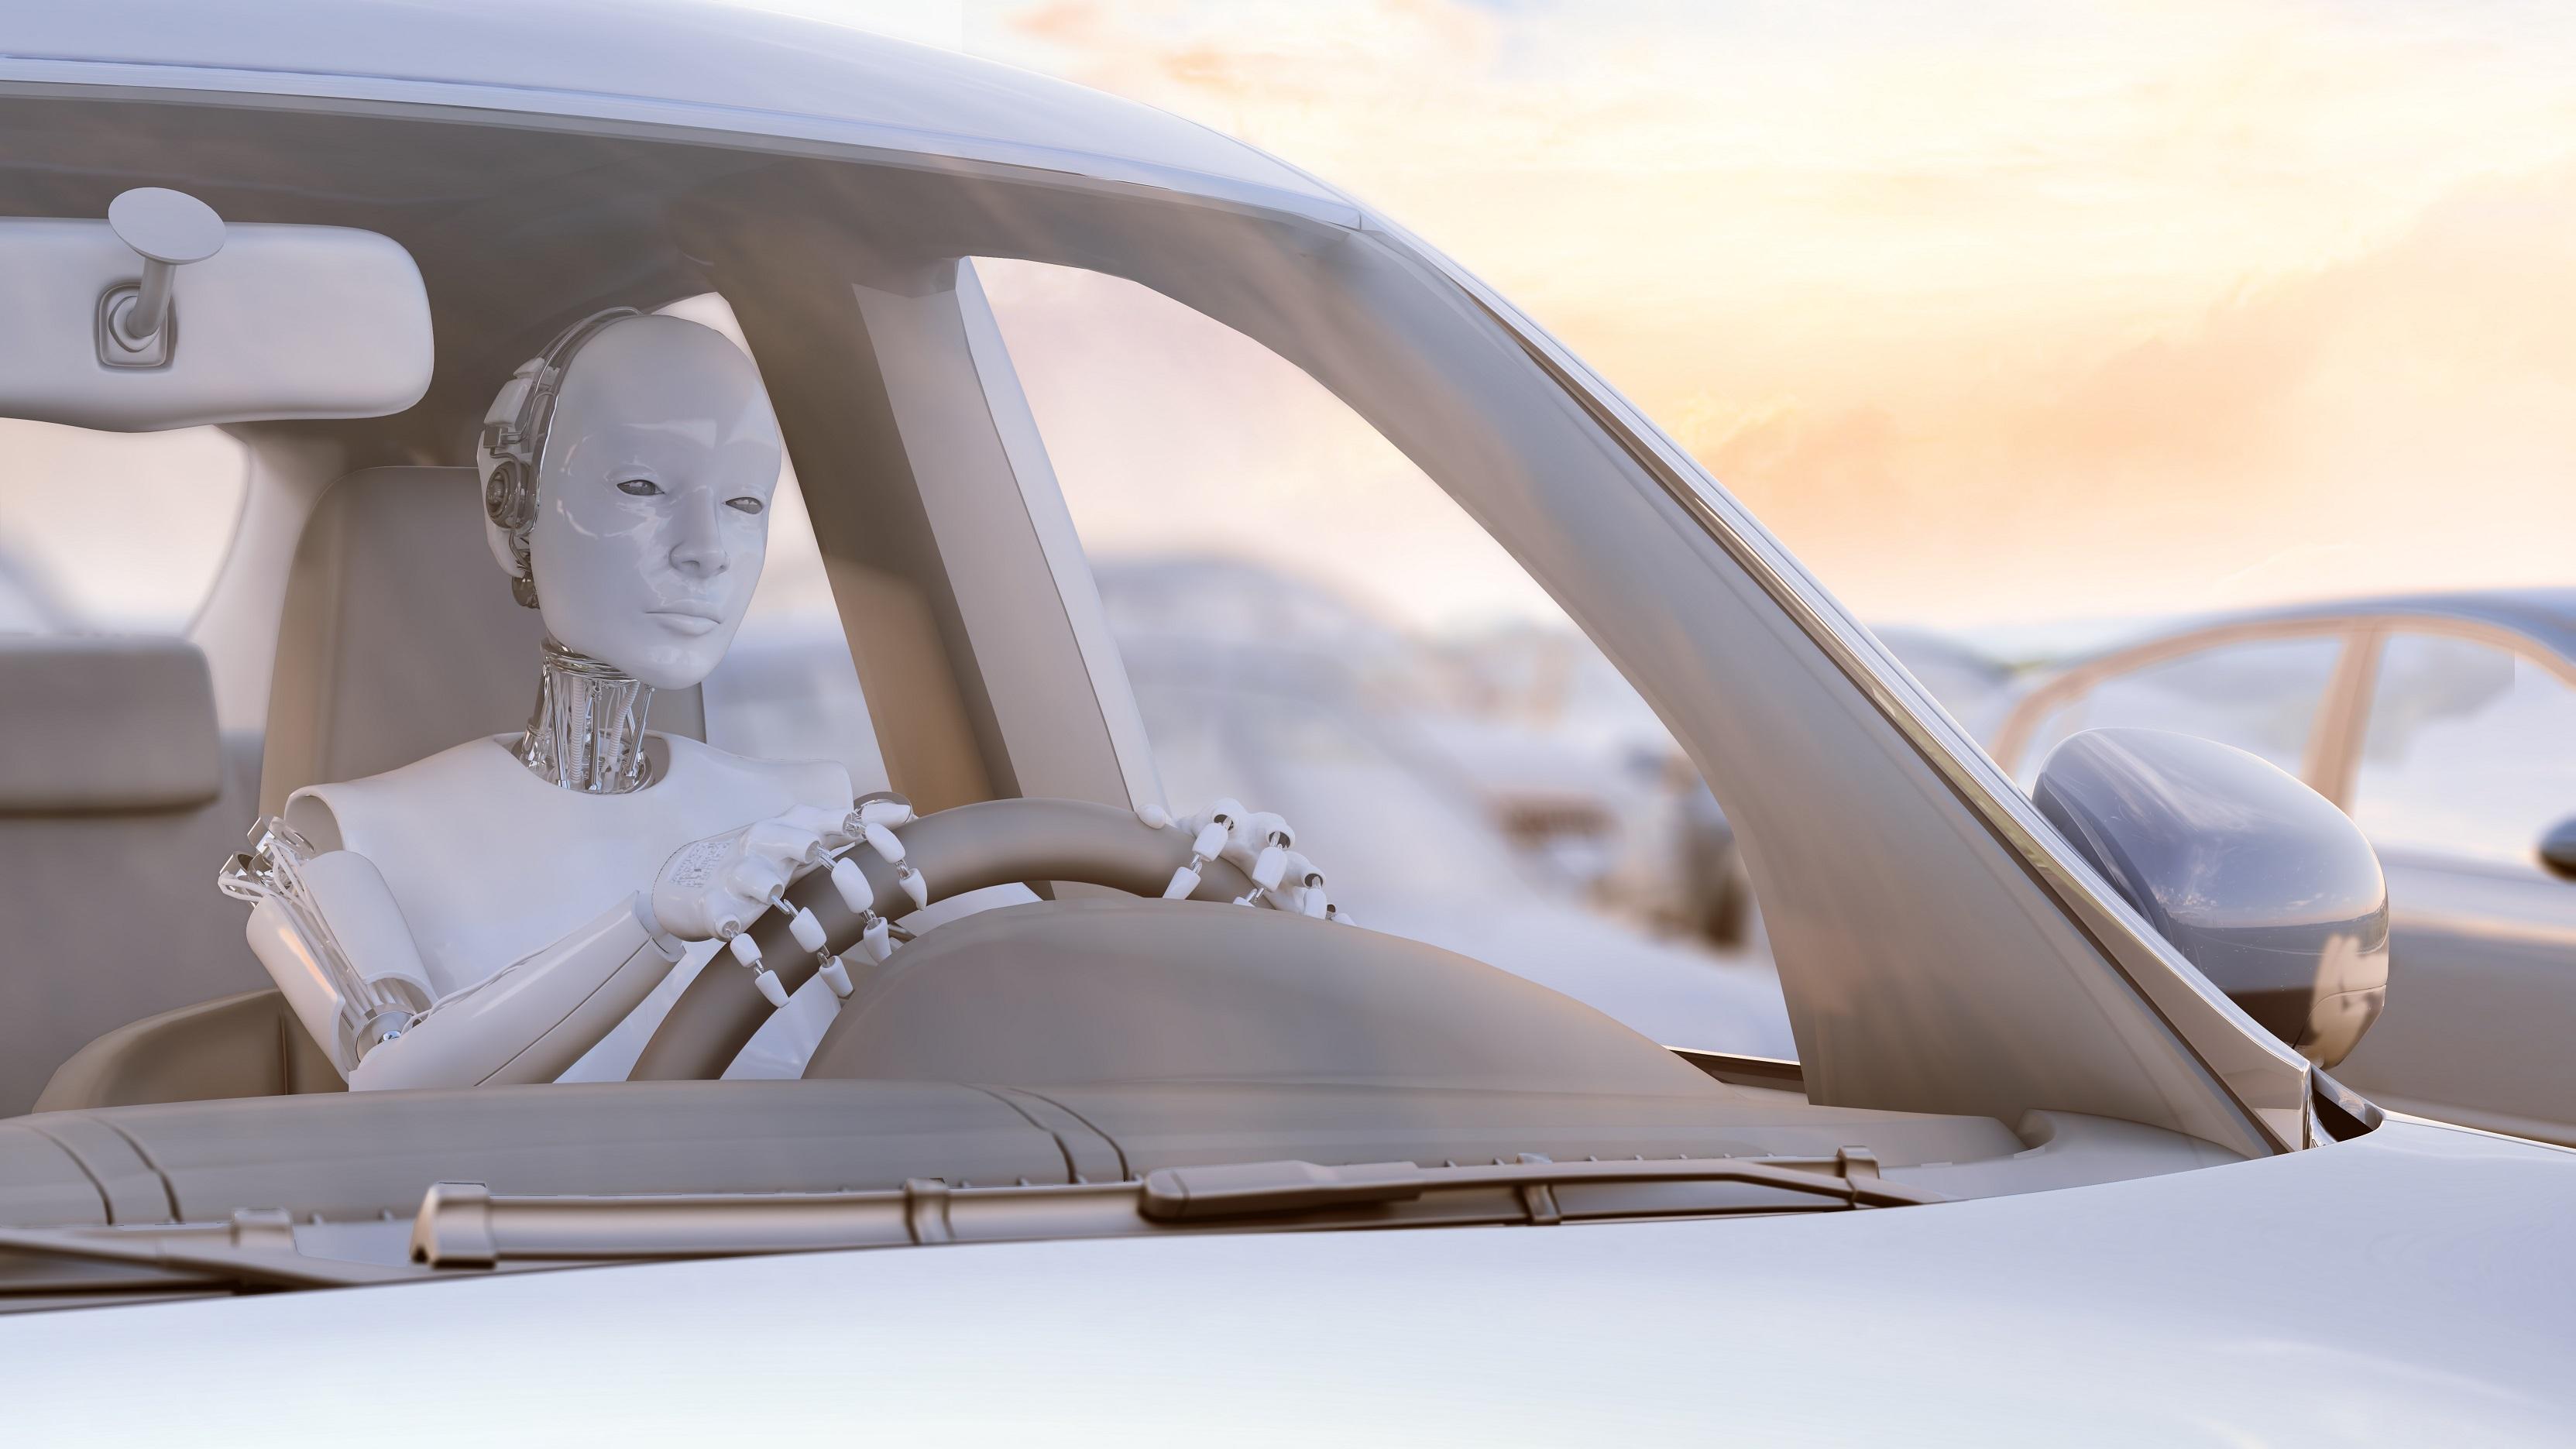 Robot Driving a Car